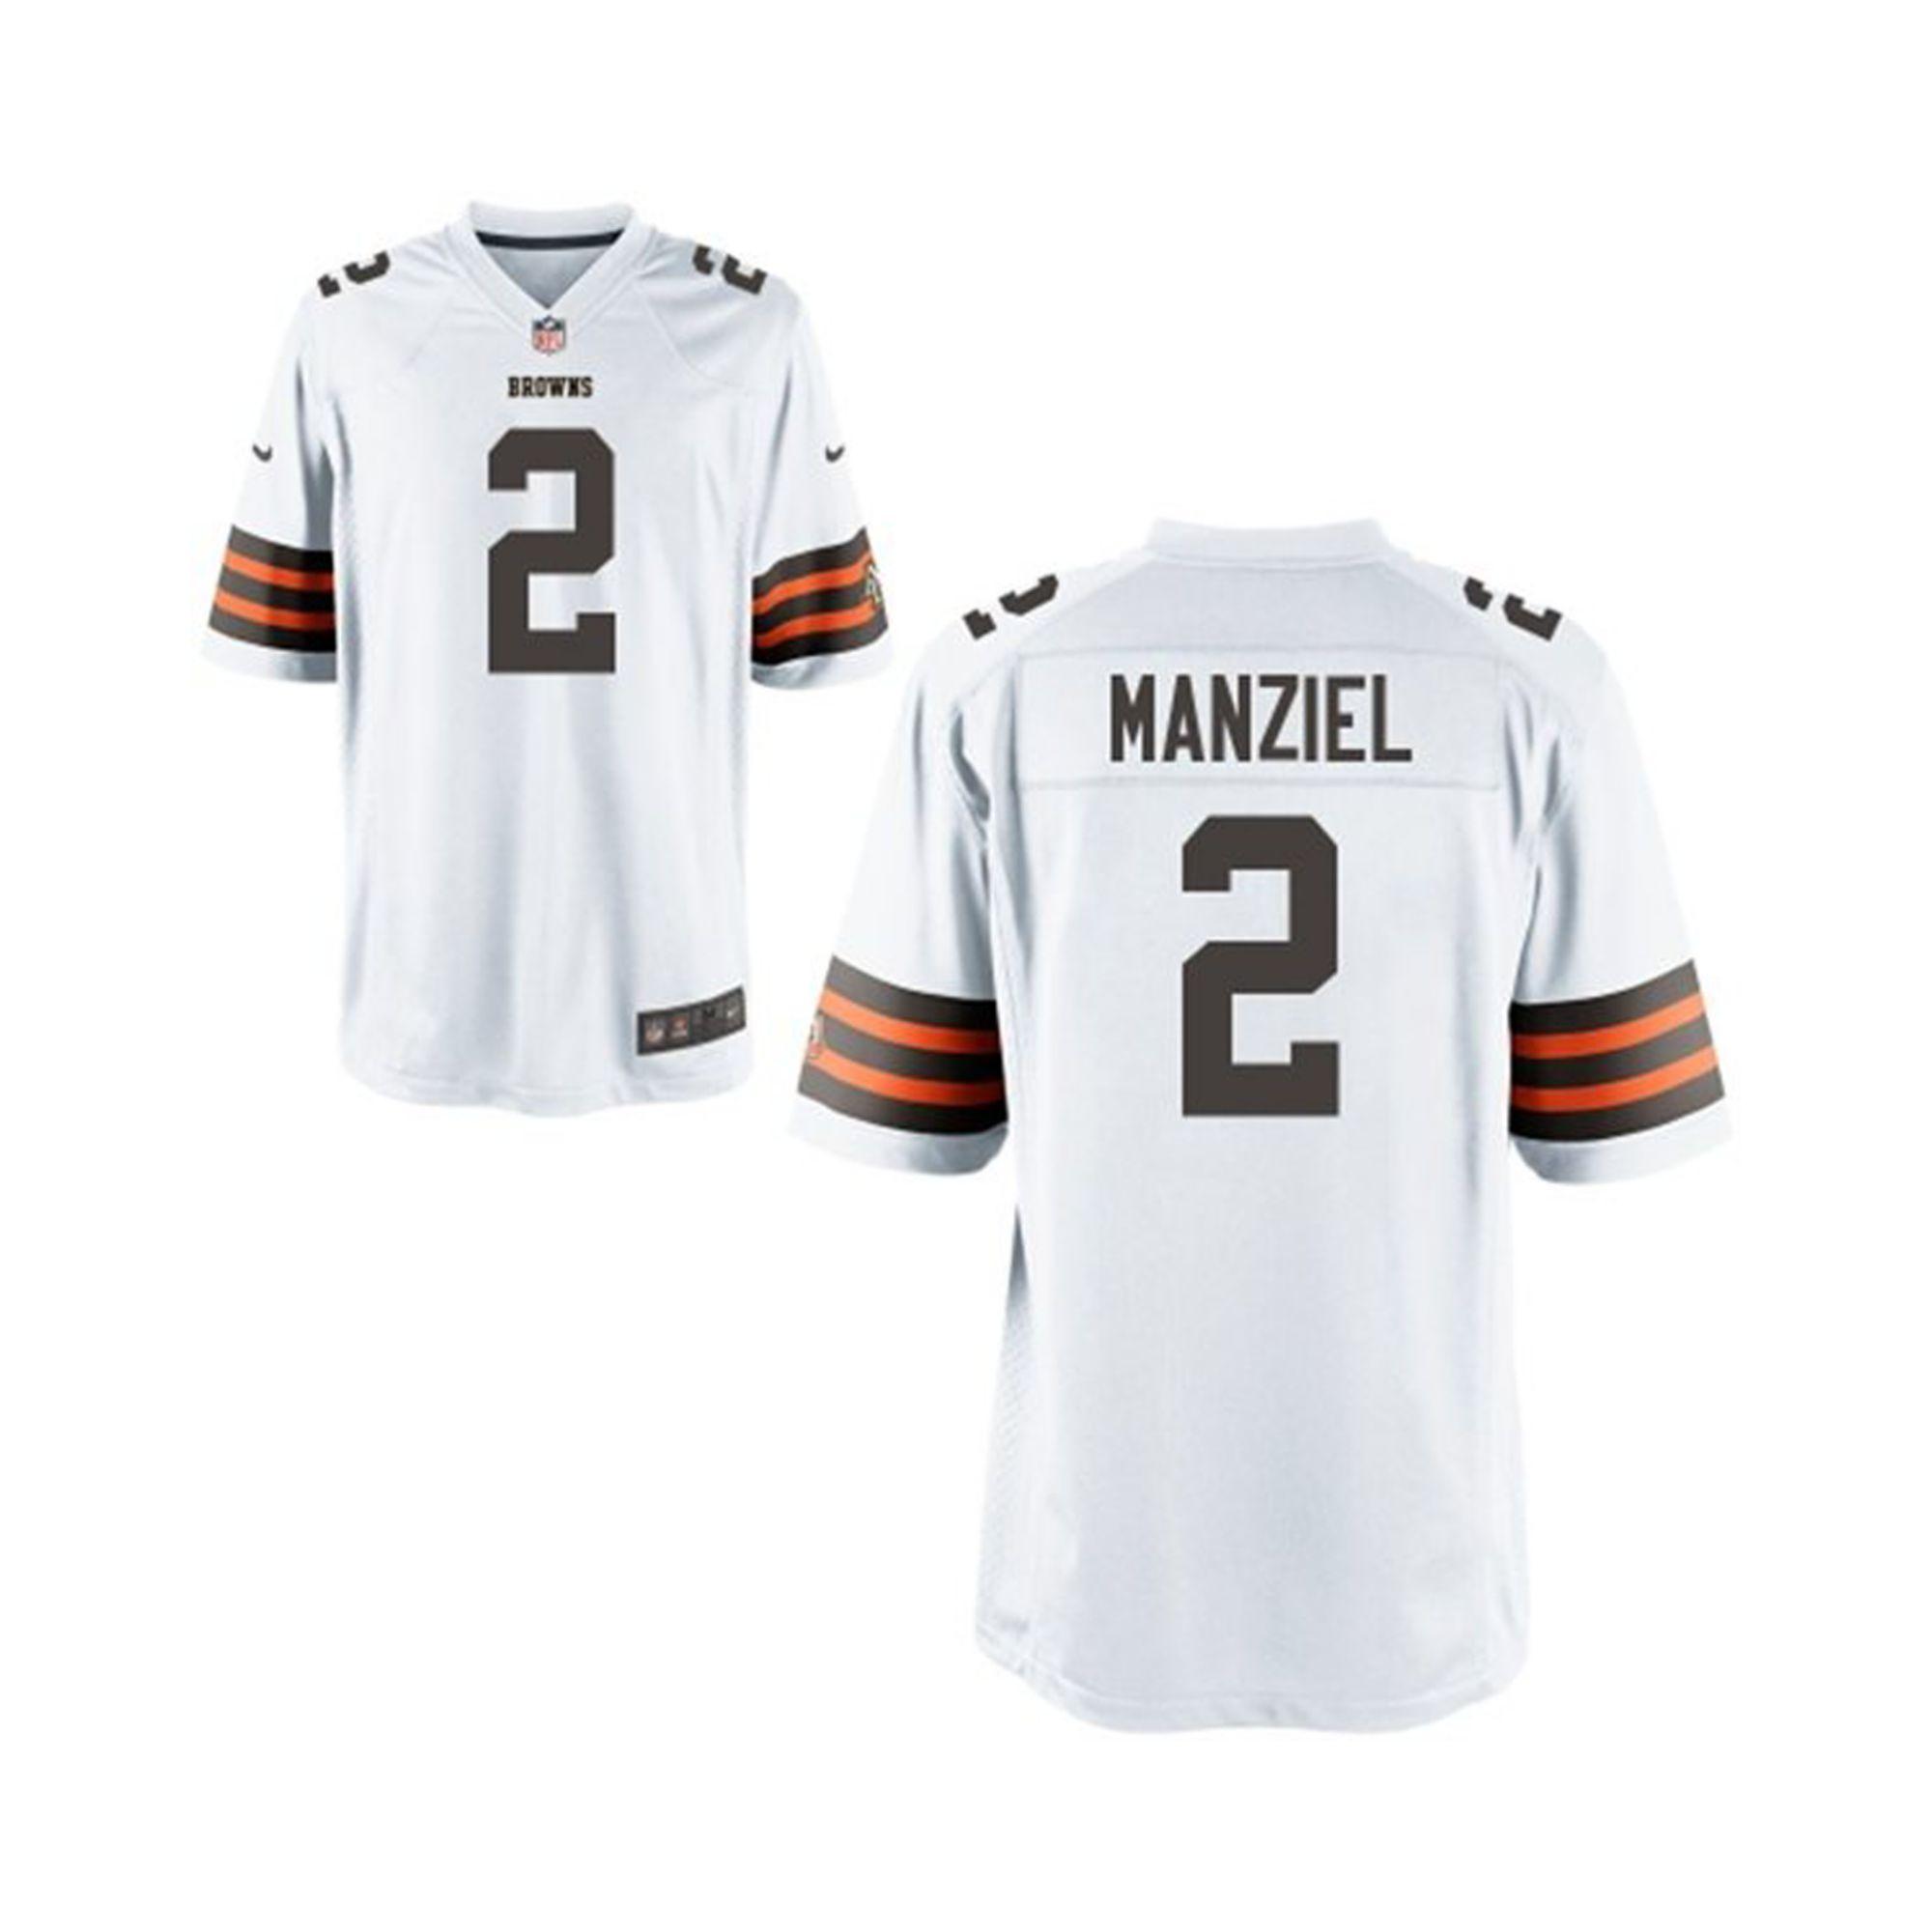 59b6c5ddd Nike Johnny Manziel T Shirt - BCD Tofu House